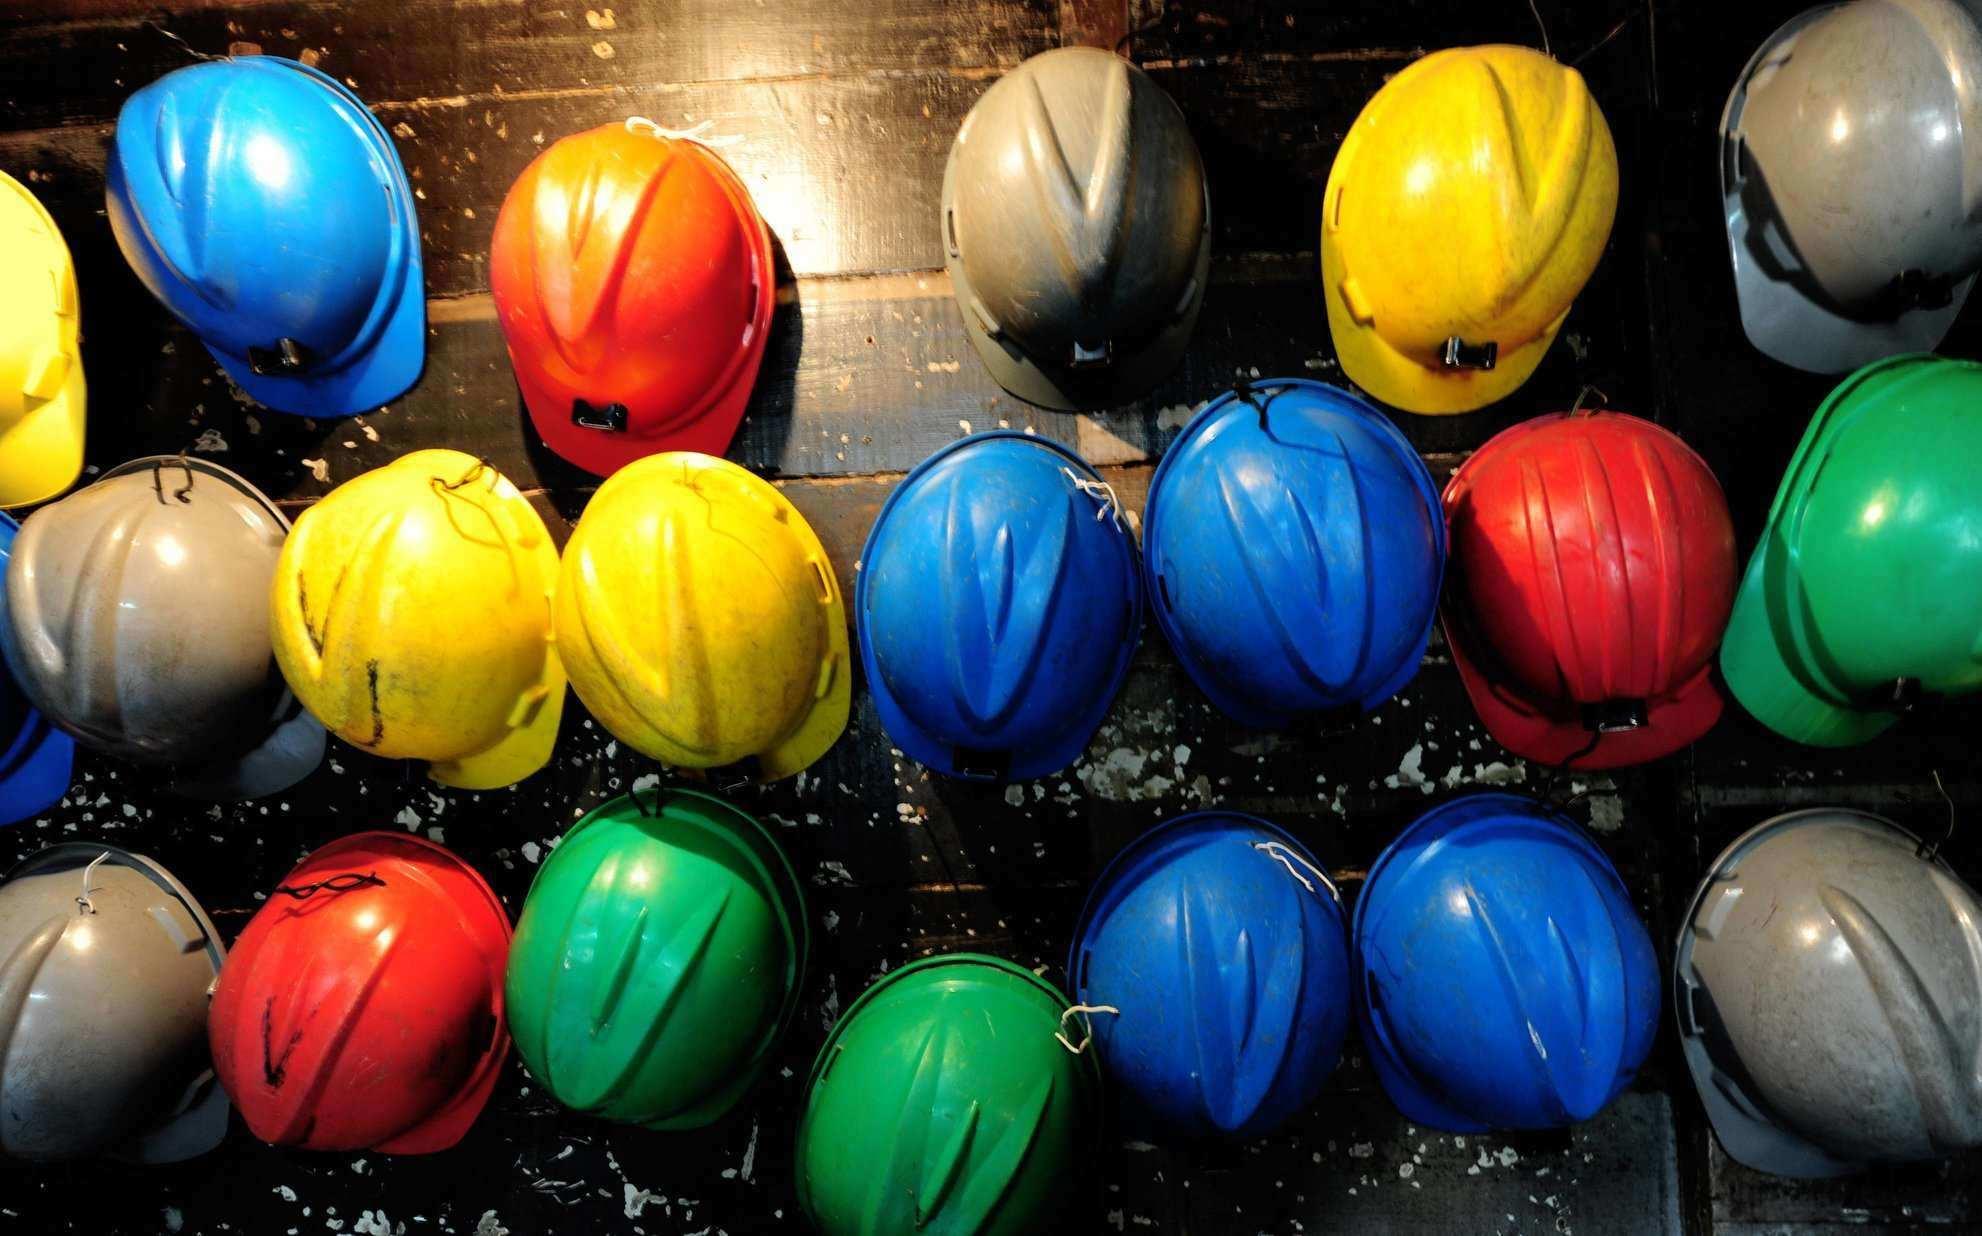 Dirigente sindical llama a México a apoyar crecimiento de sector minero